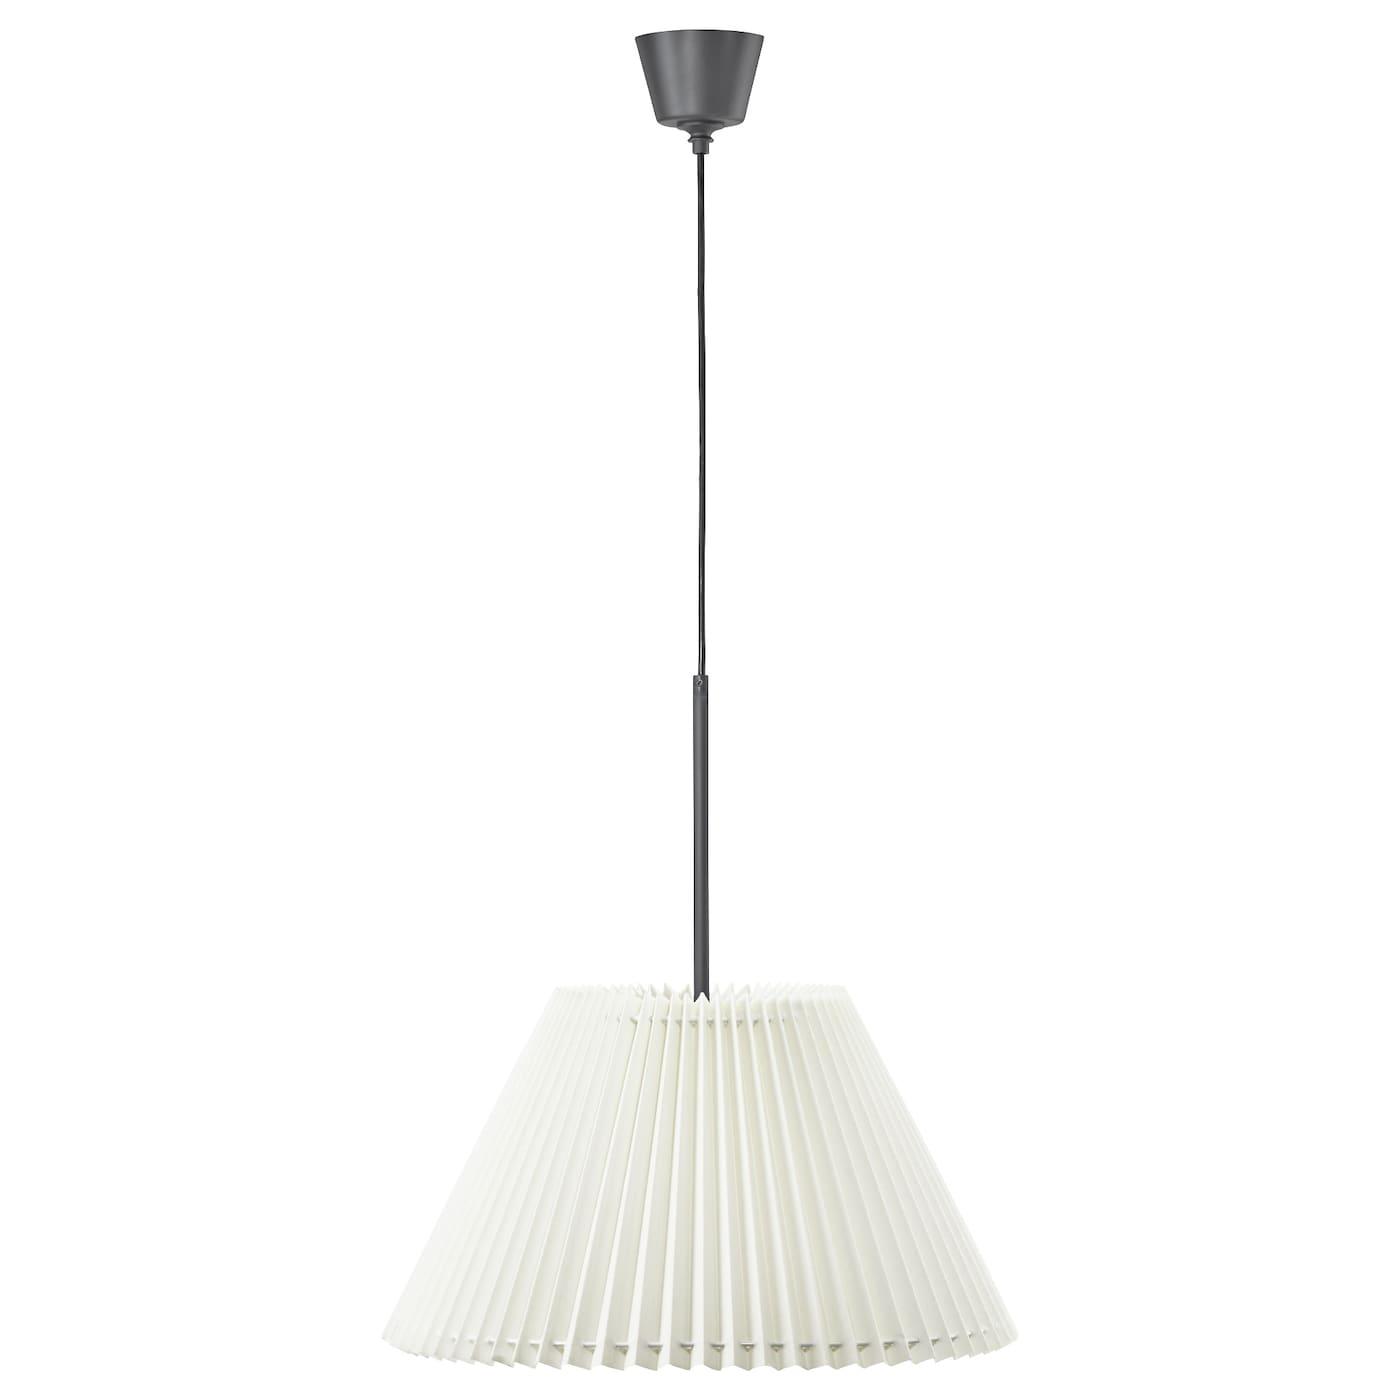 Pendant Lighting Pendant Lamps Chandeliers IKEA